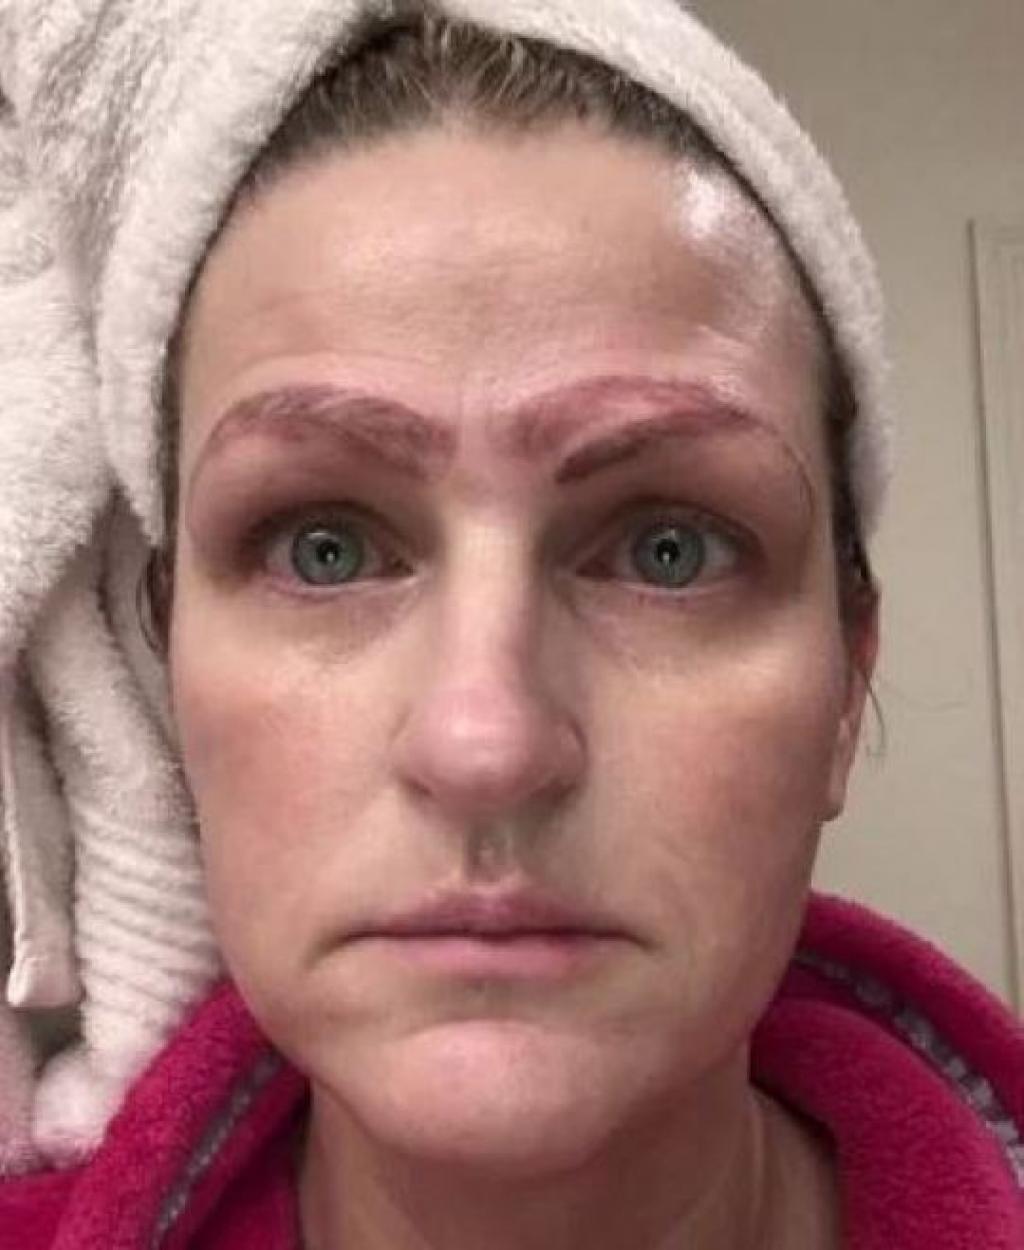 Microblading Elle se retrouve avec 4 sourcils tatoués sur le visage